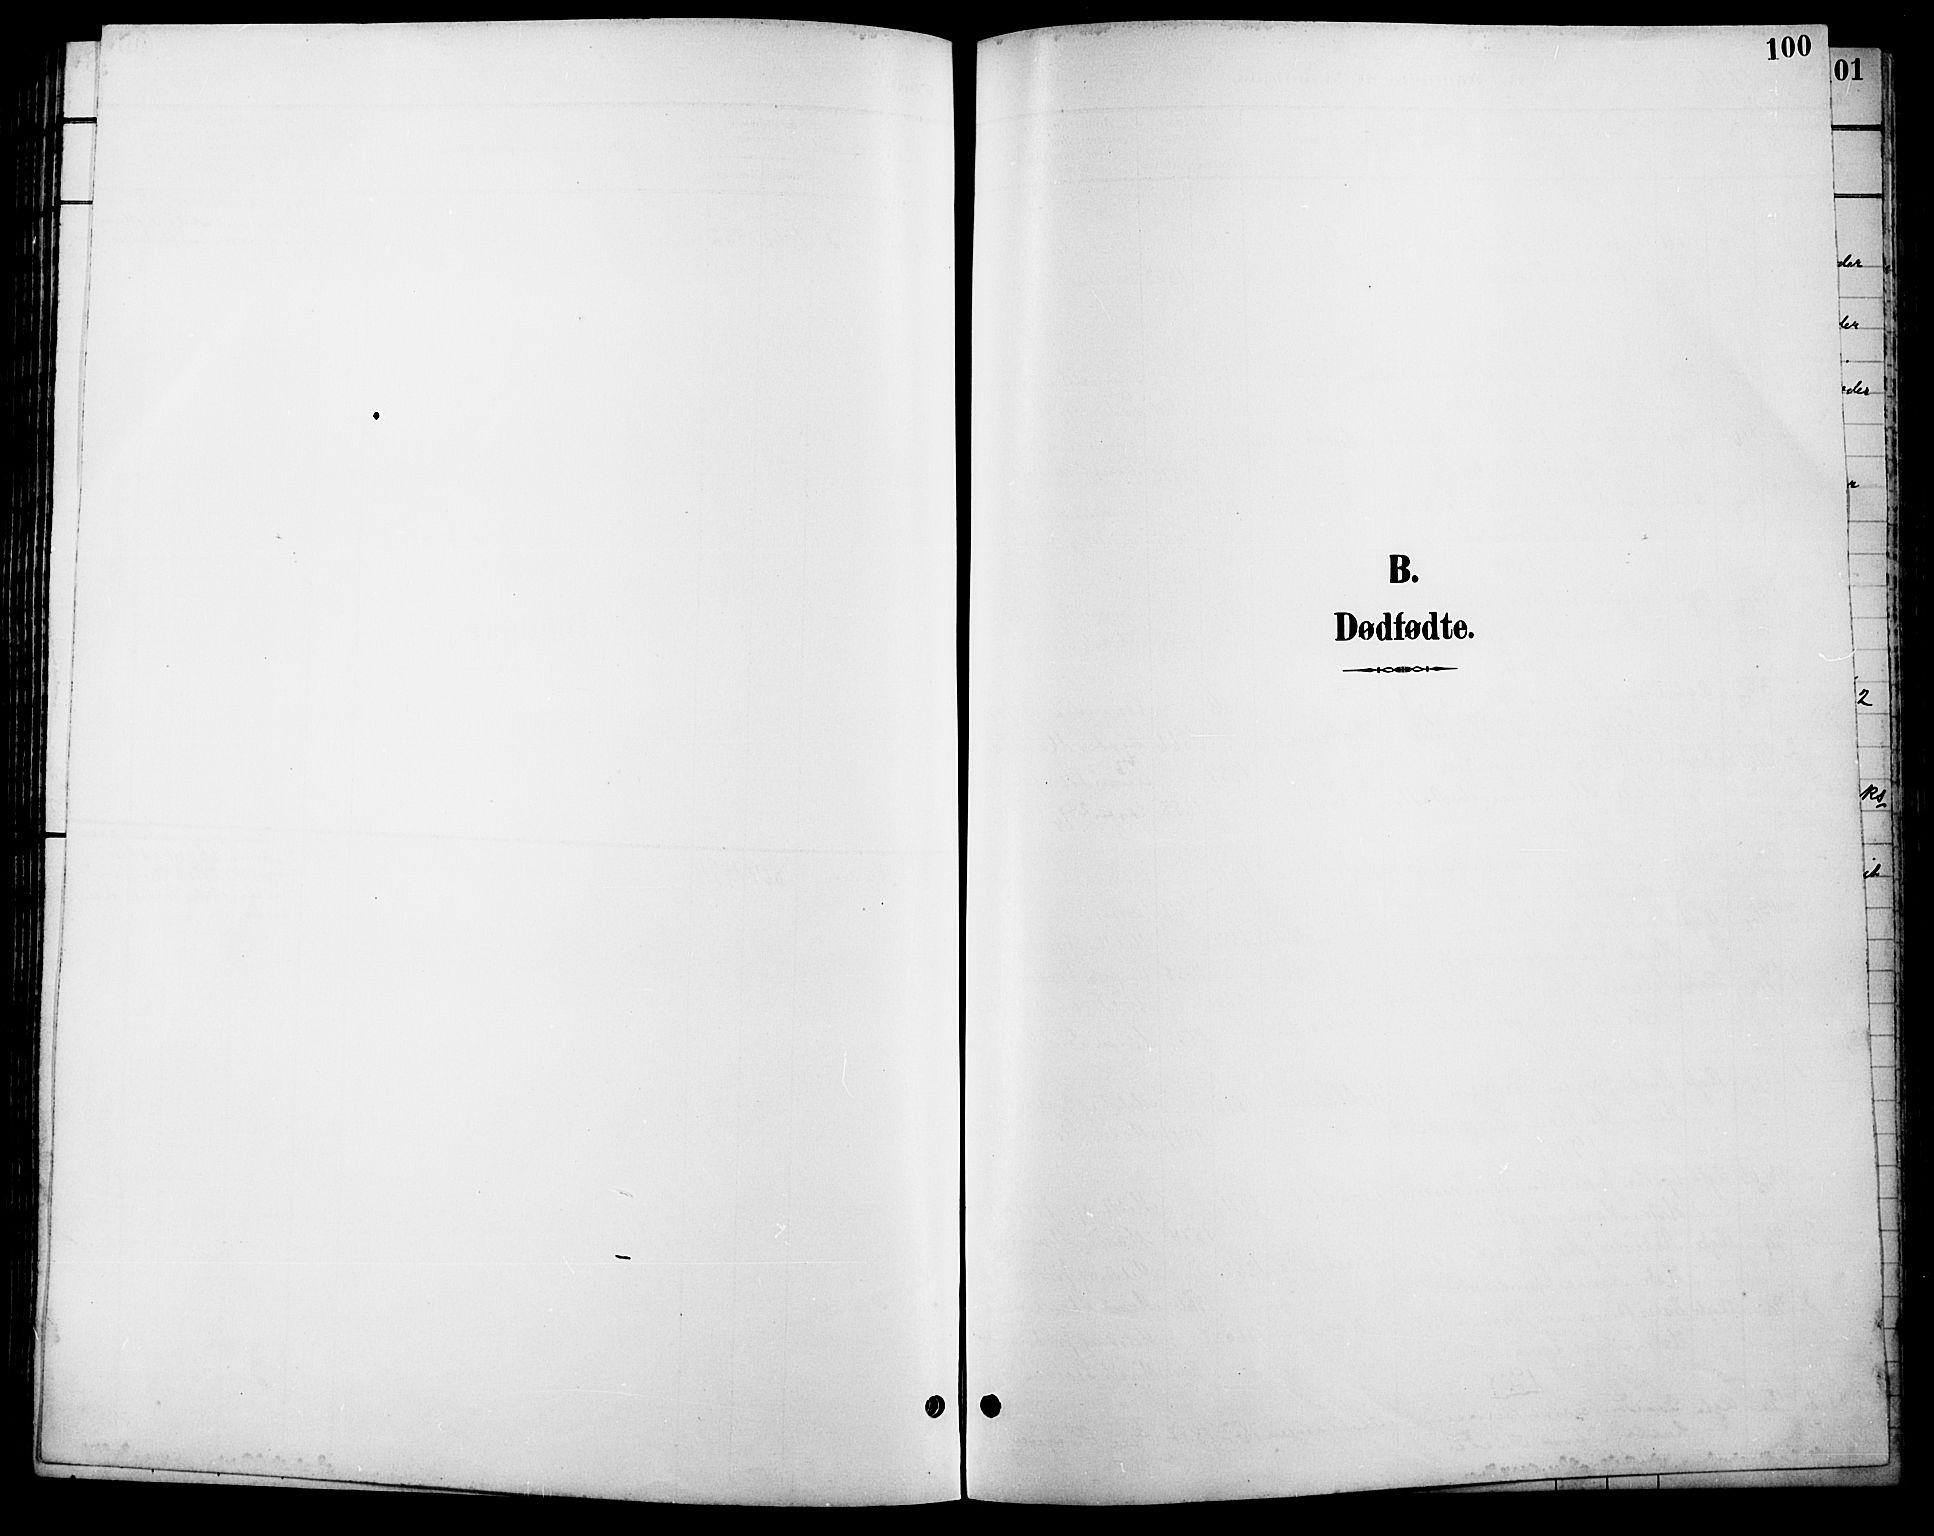 SAH, Lesja prestekontor, Parish register (copy) no. 7, 1895-1919, p. 100